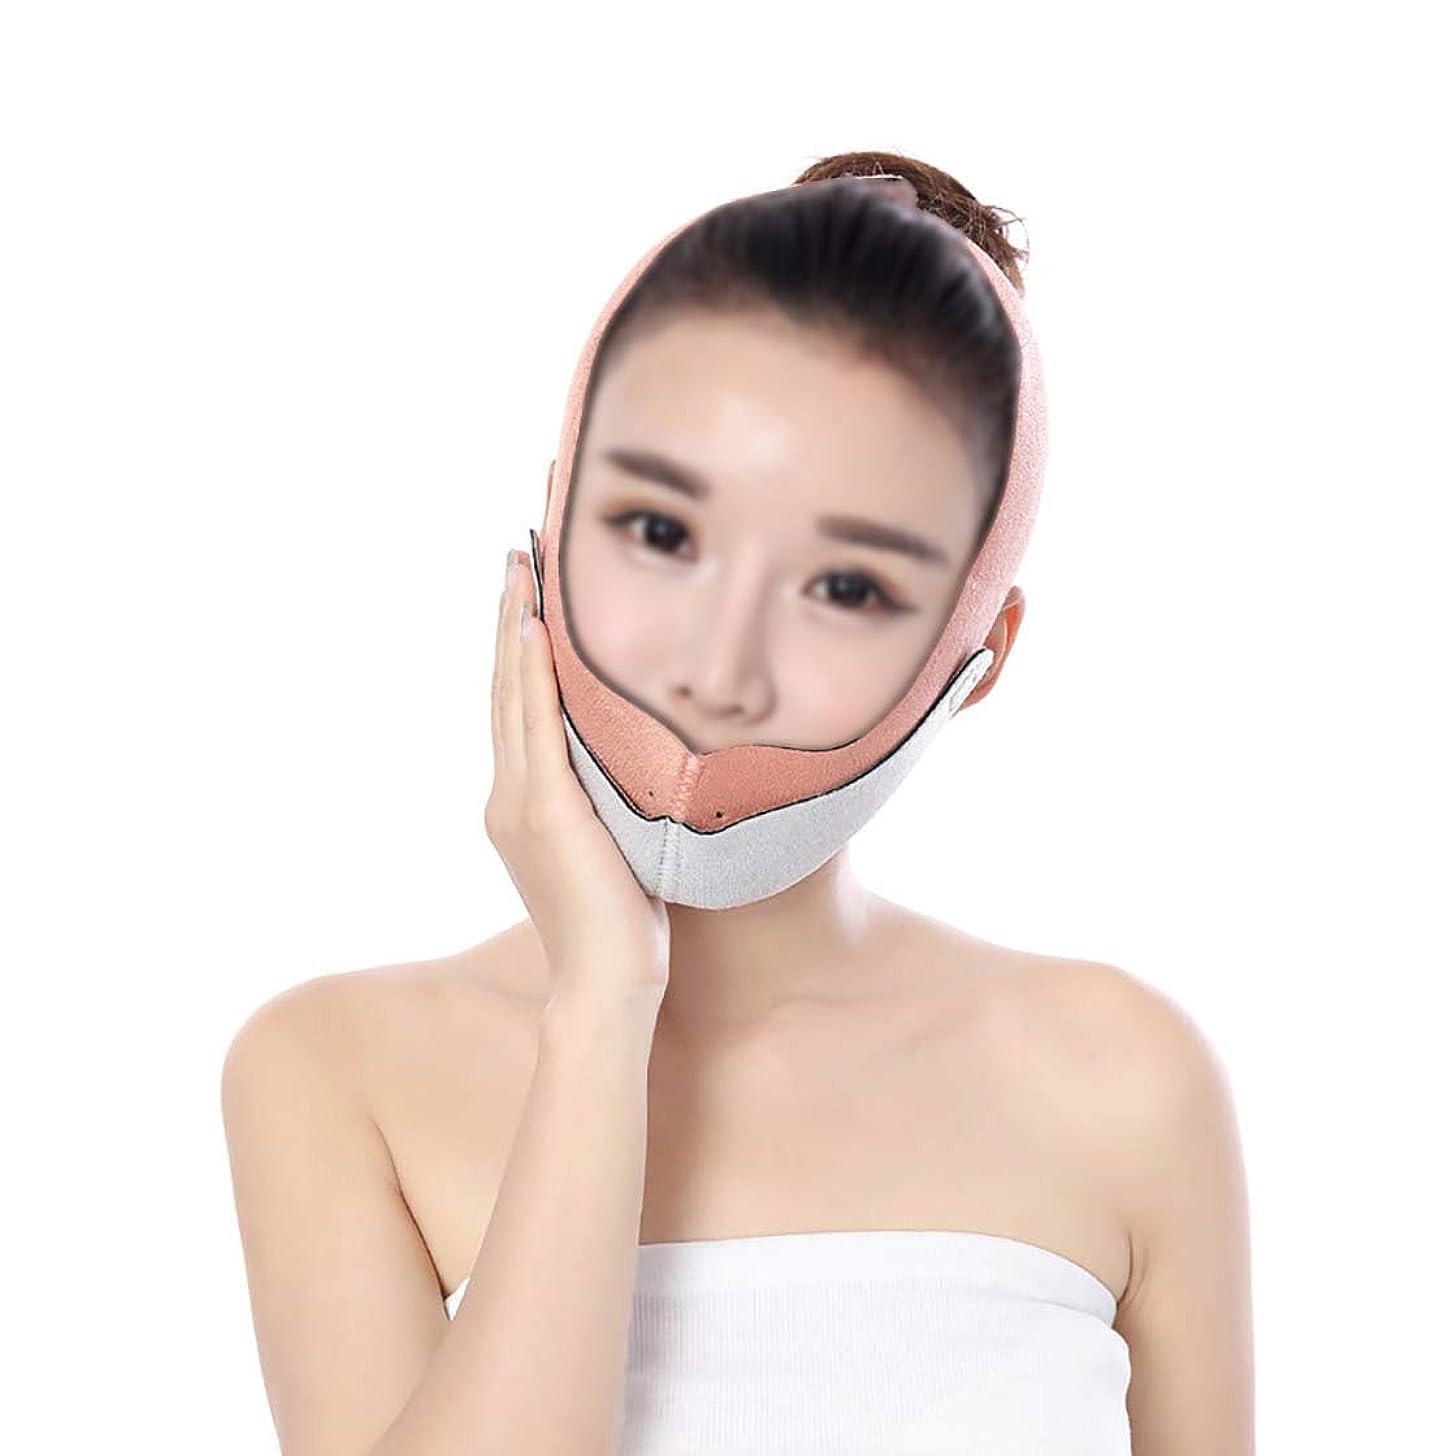 プーノ雇用事故XHLMRMJ 引き締めフェイスマスク、フェイスリフティングアーティファクト修正フェイスリフティングベルト垂れ防止包帯美容マスクマスクVフェイスクロスツール